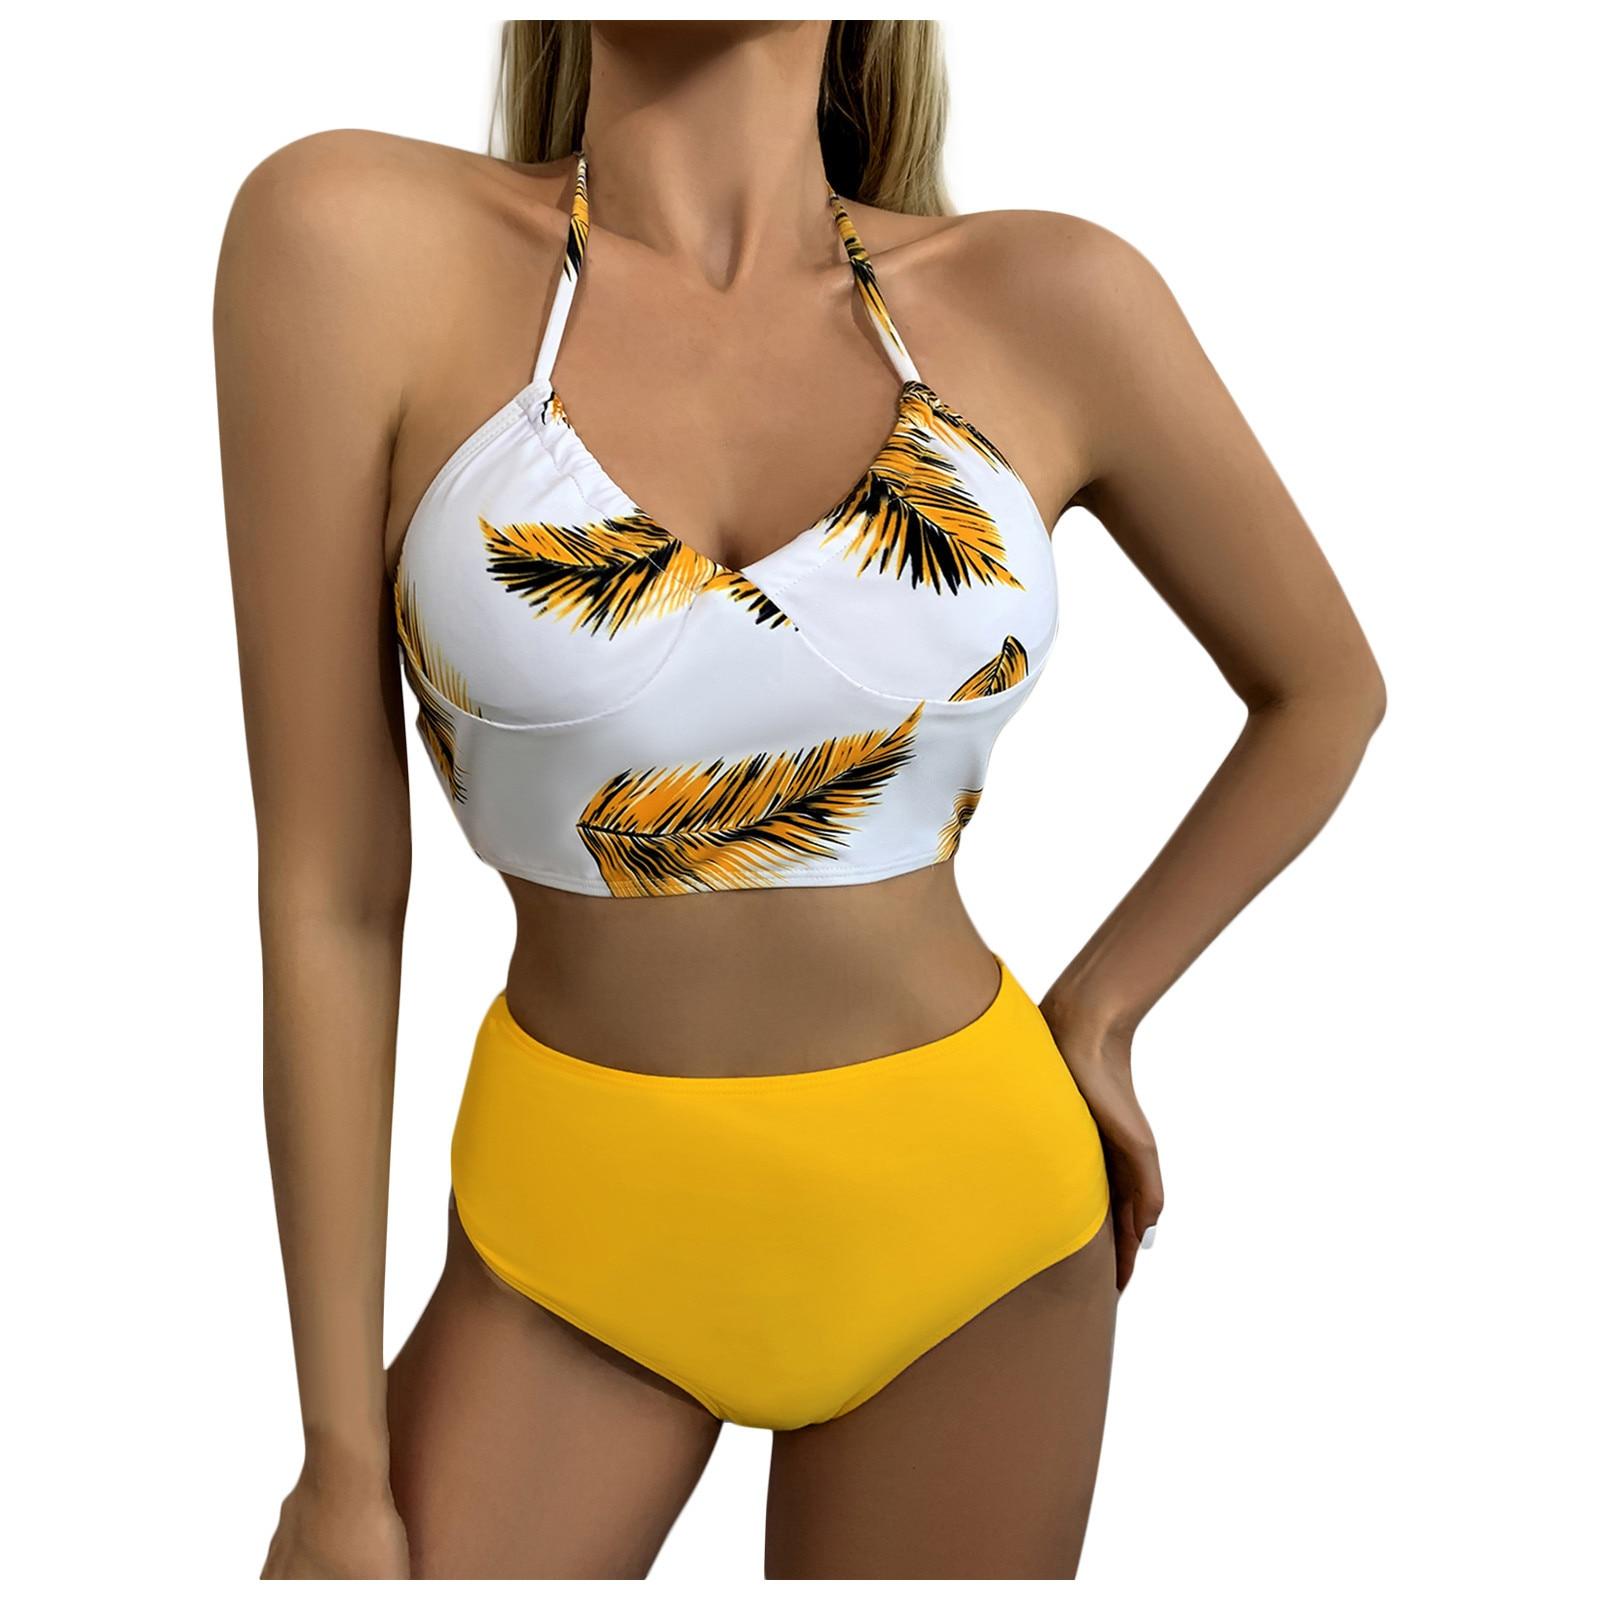 Zwei Stück Bikini Gepolsterte Split Badeanzug Sexy Push-up Straping Druck Nähen Hoher Taille Schwimmen Anzug Für Frauen Biquini